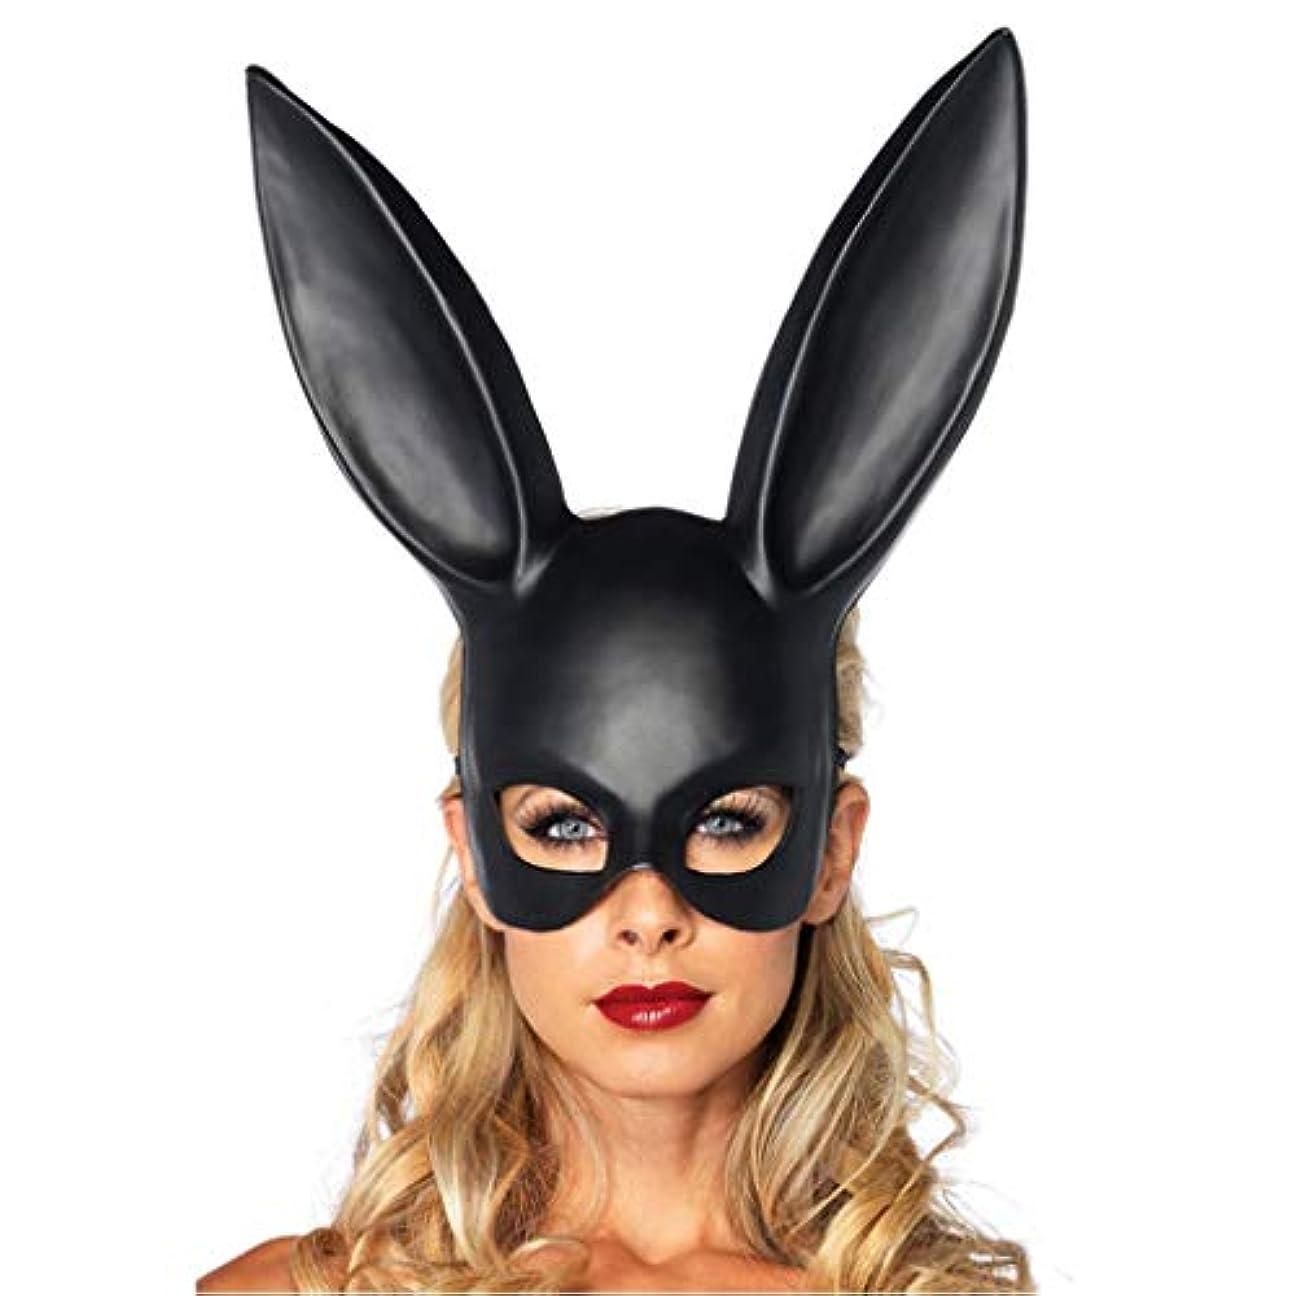 技術百年幸福ハロウィーン仮装イヤーマスクバーKTVパーティーマスクかわいいウサギのマスク (Color : A)